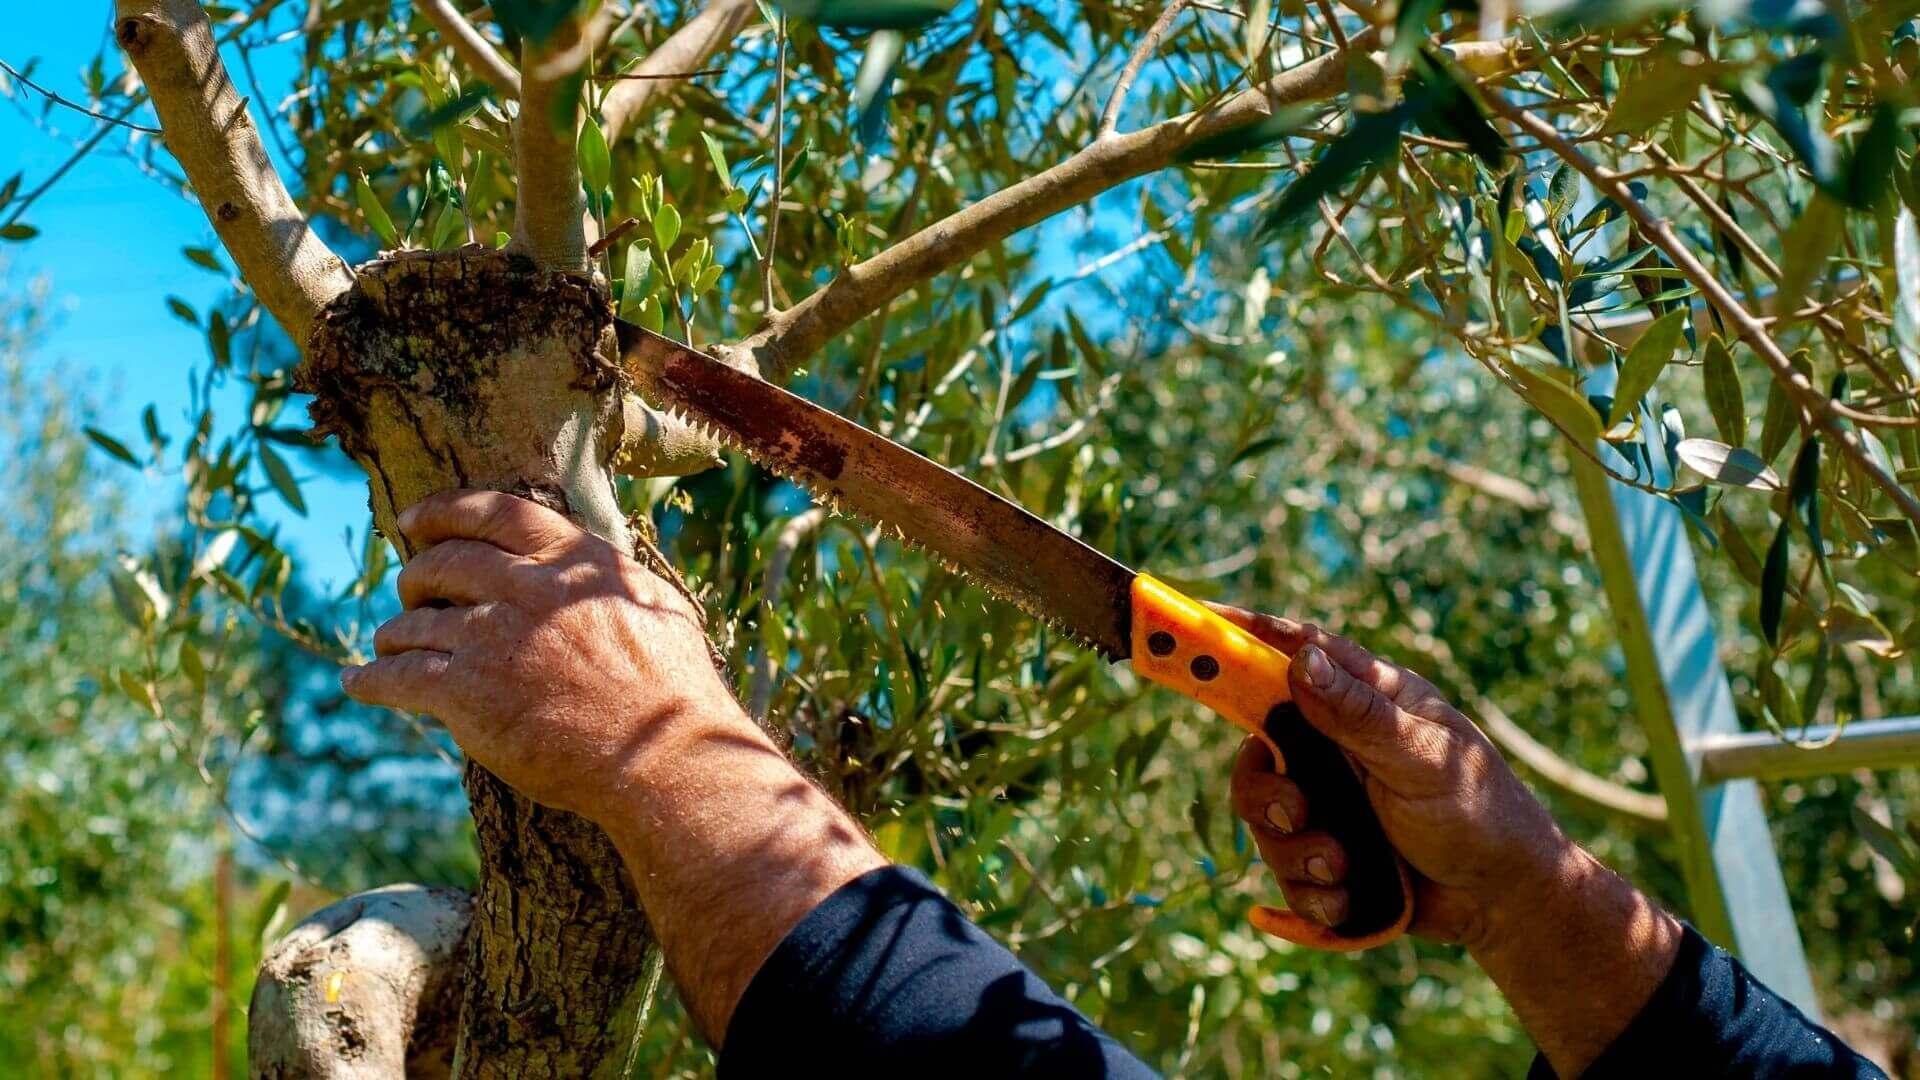 Come potare gli ulivi per ottenere più olive